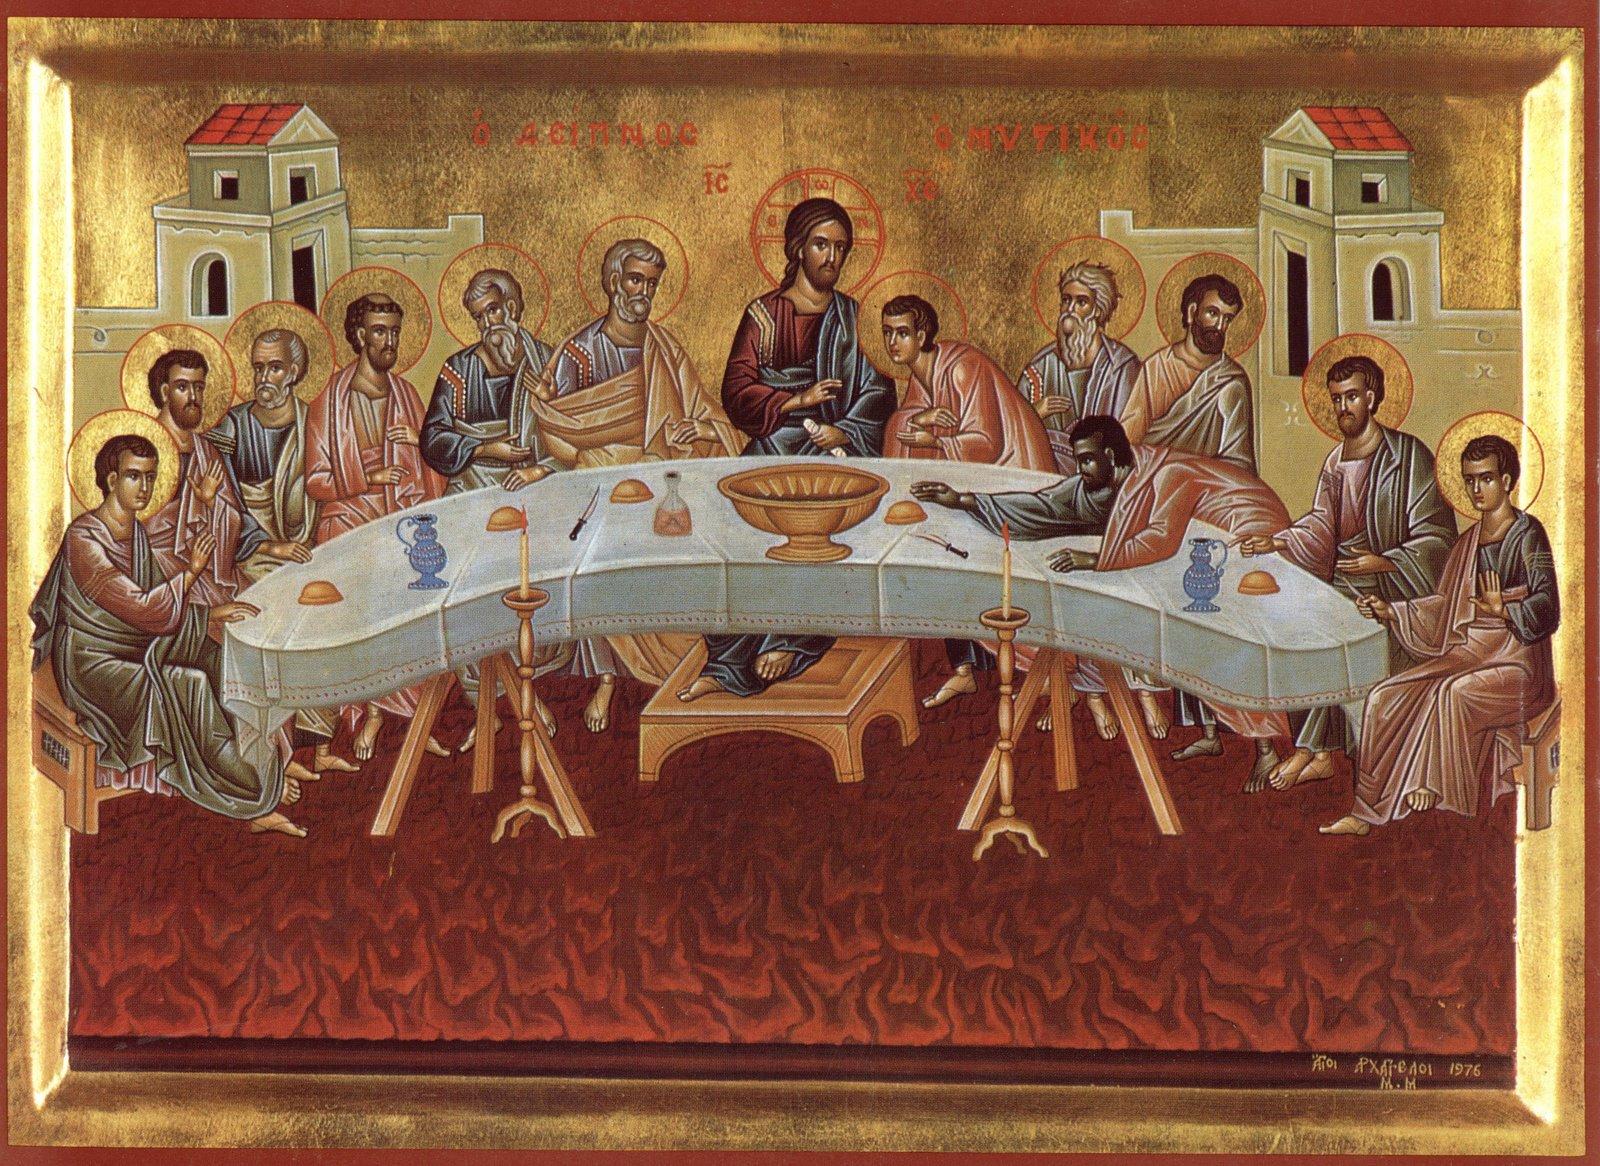 LA MÍSTICA CENA DEL SEÑOR – La Belleza de los Iconos